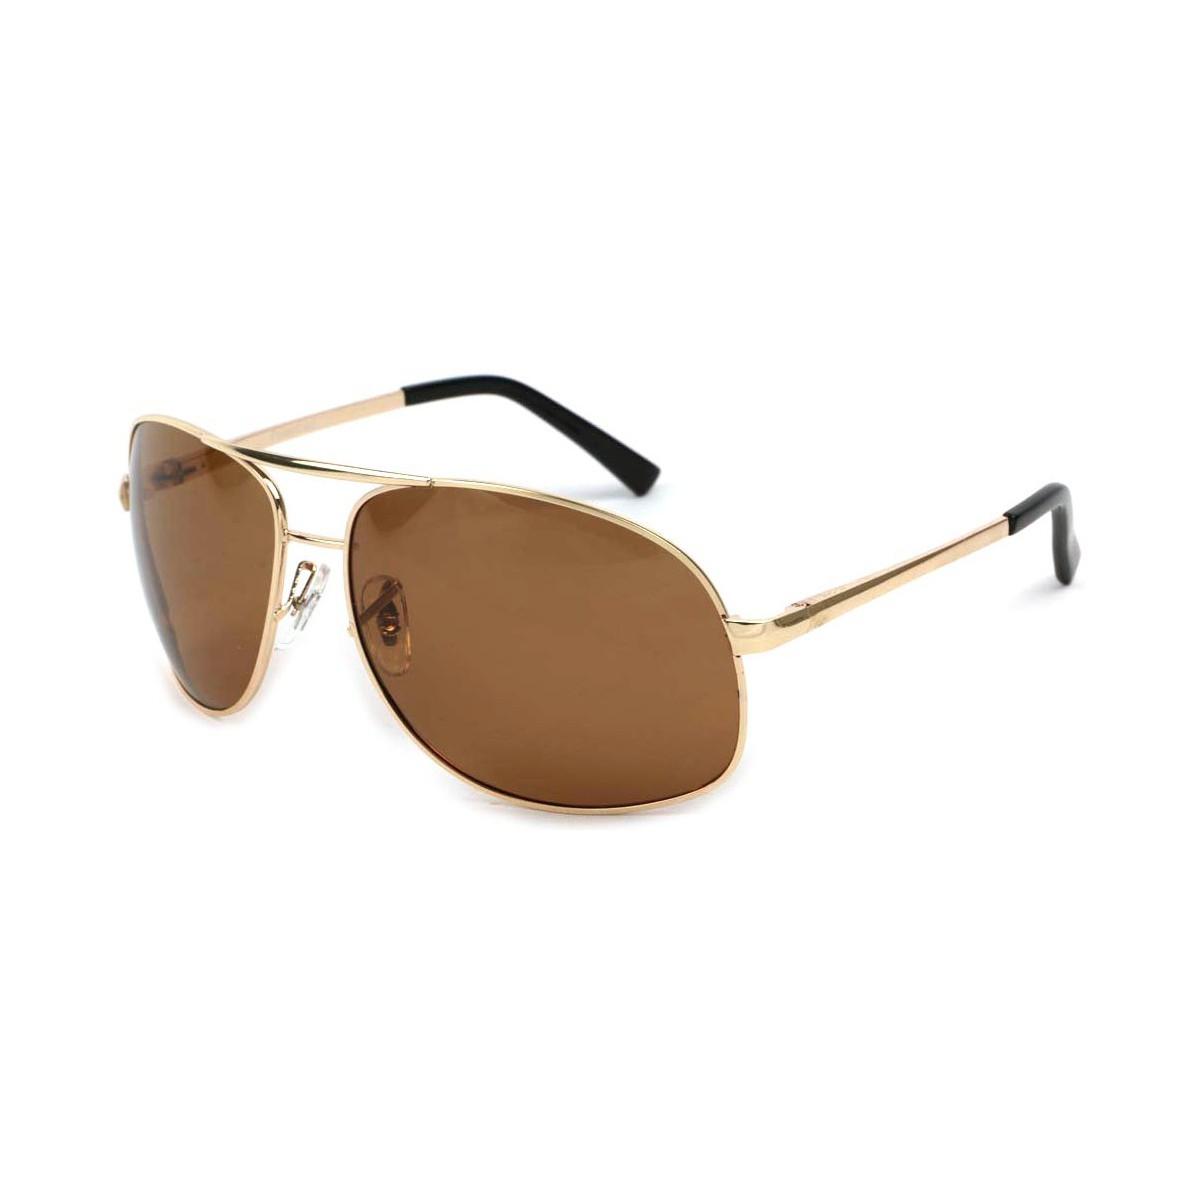 Eye Wear Lunettes Polarisante YouKnow avec monture dorée Jaune